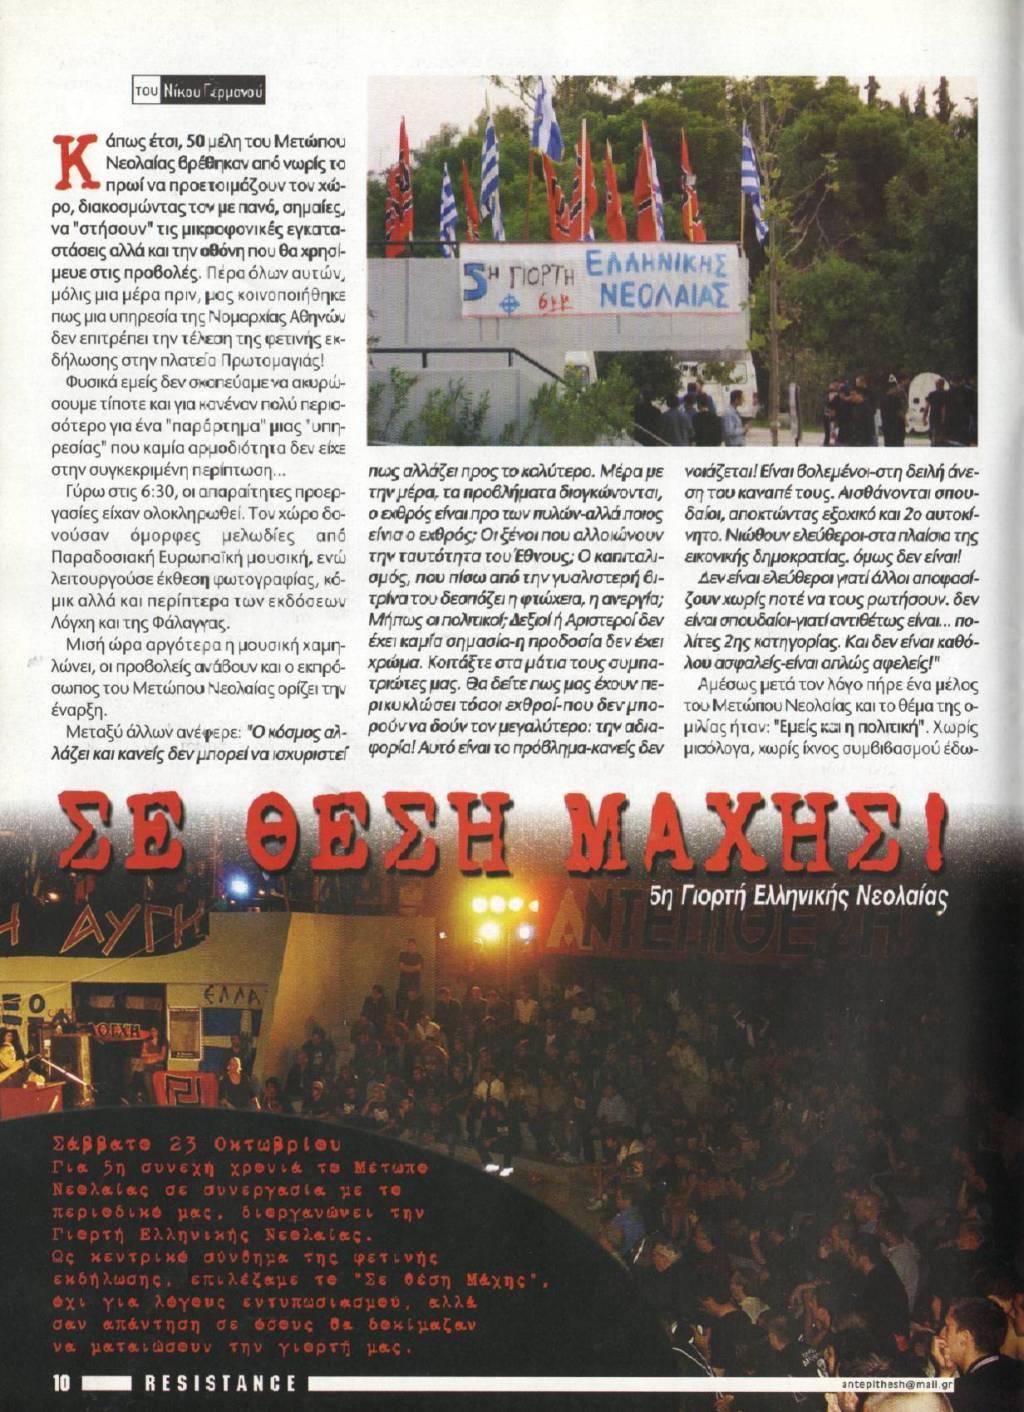 2004-10-23 - 5η Γιορτή Νεολαίας Χρυσή Αυγή Σε θέση μάχης - ΑΝΤΕΠΙΘΕΣΗ, Α.Τ. 21, 01-2005, σελ. 10